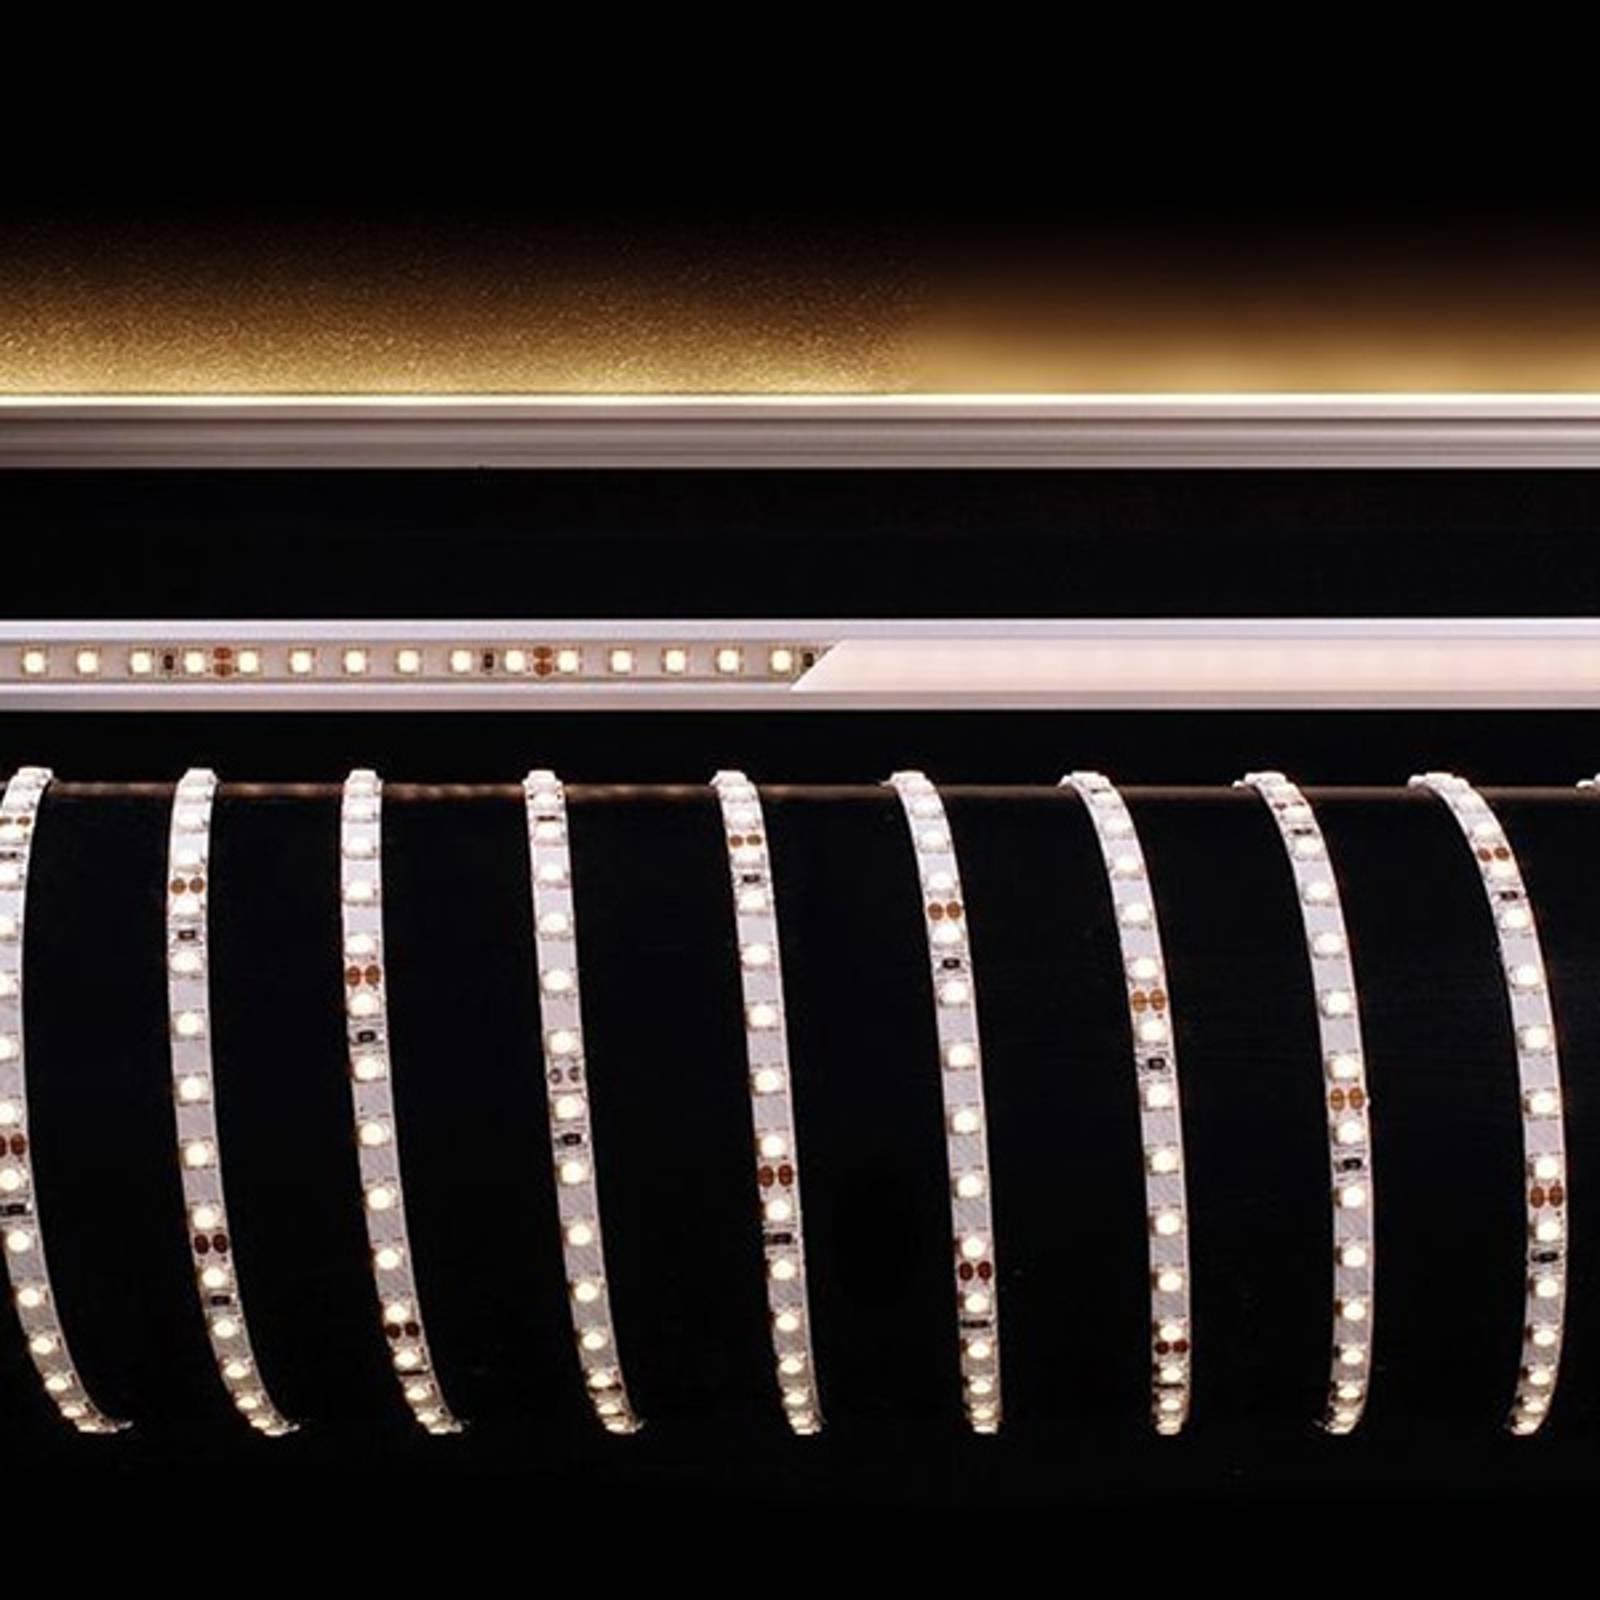 Joustava LED-valonauha, 40 W, 500x0,5x0,3cm, 2700K